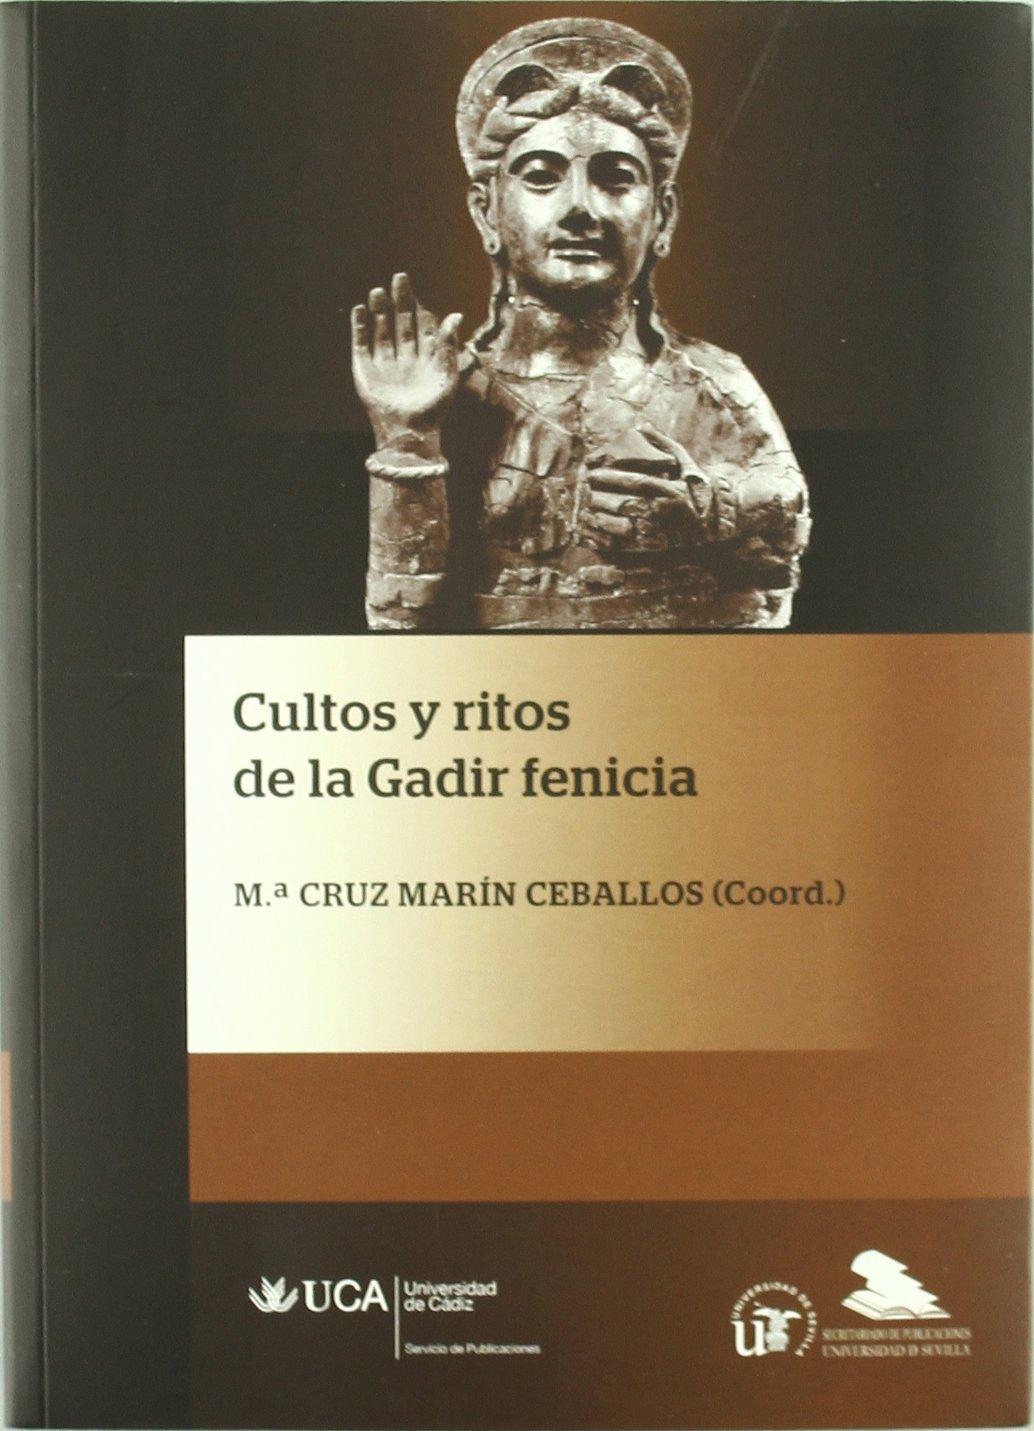 Cultos y ritos de la Gadir fenicia: Amazon.es: Mª Cruz Marín Ceballos: Libros